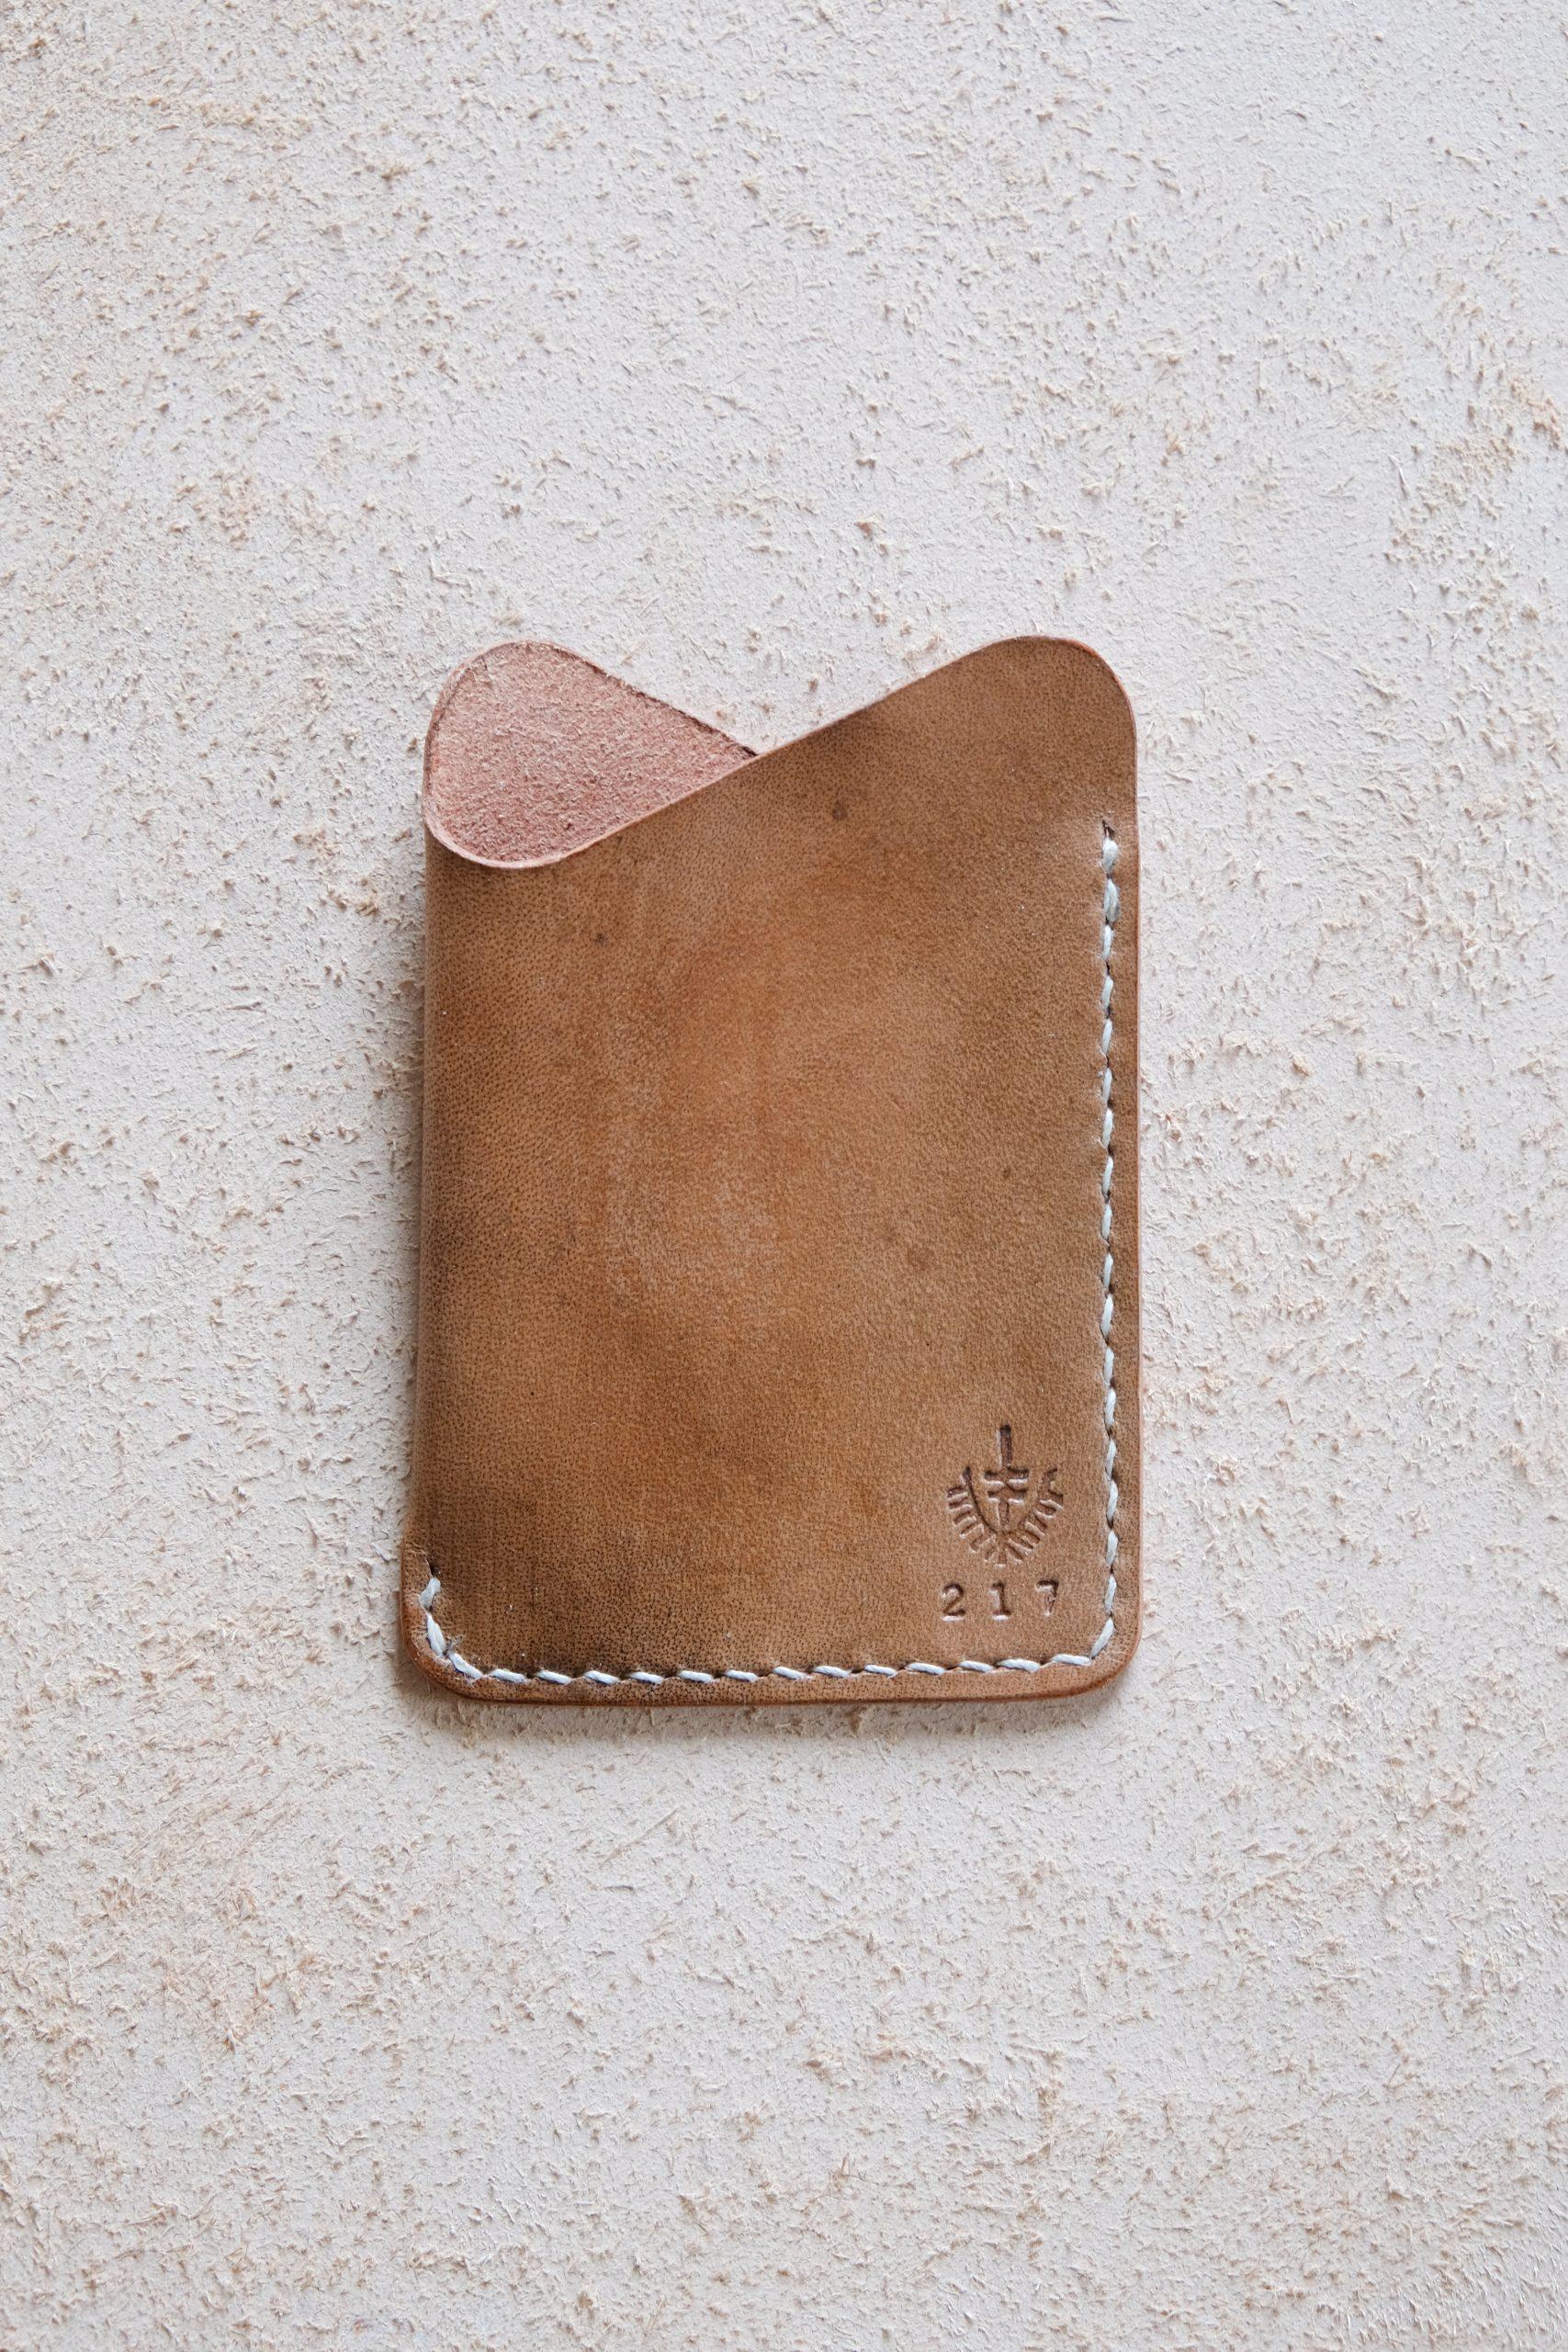 lerif designs leather wave cardholder walnut on beige background